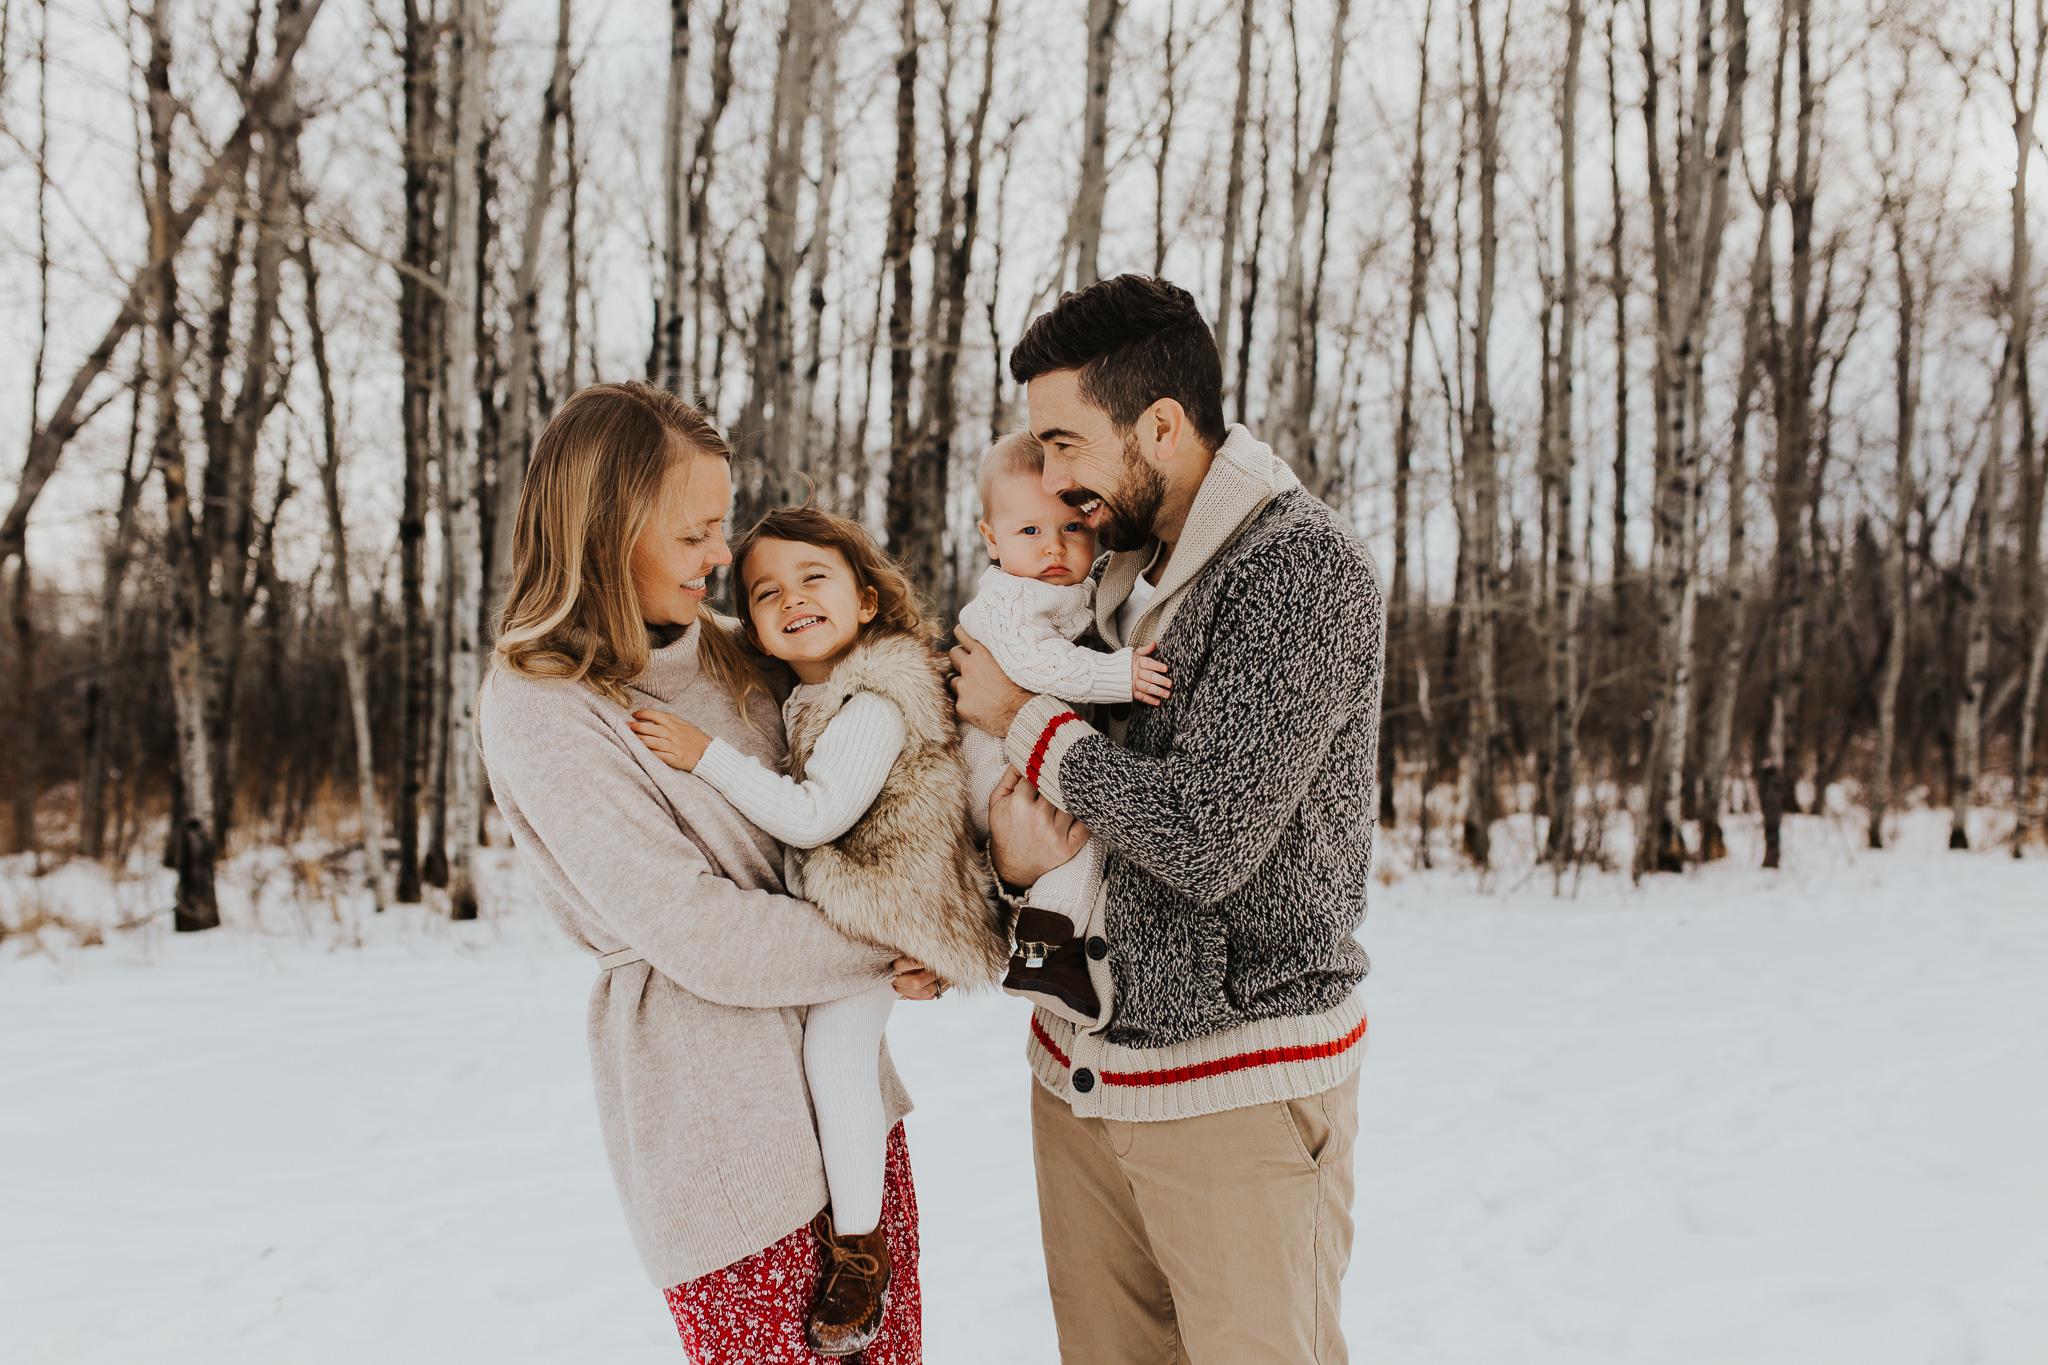 Alina-Joy-Photography-Cold-Lake-Lifestyle-Photographer-296.jpg